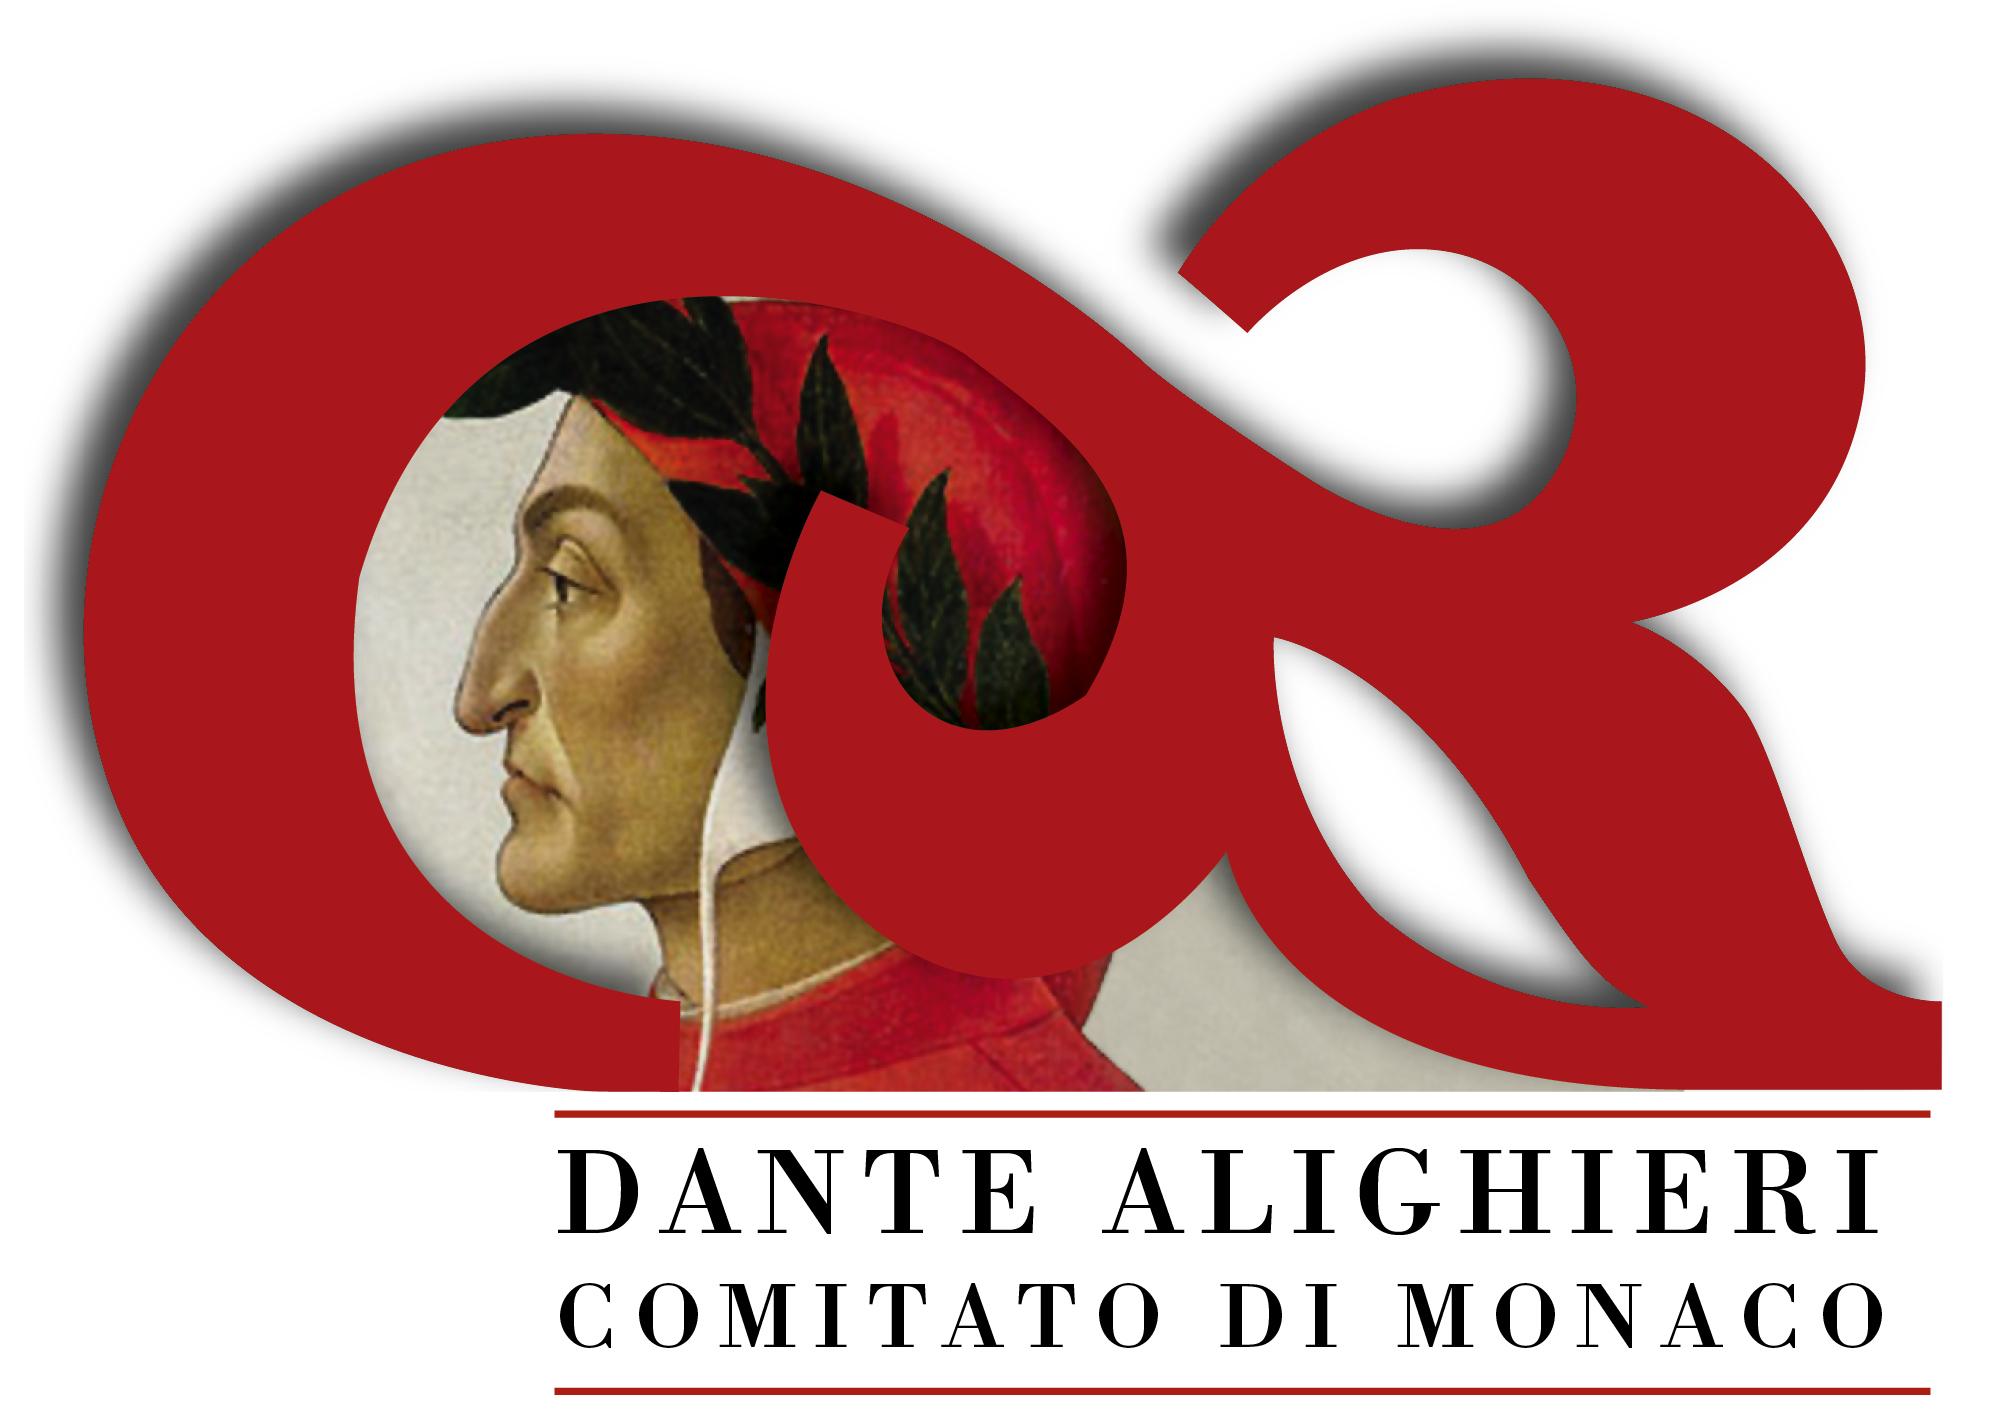 La Dante